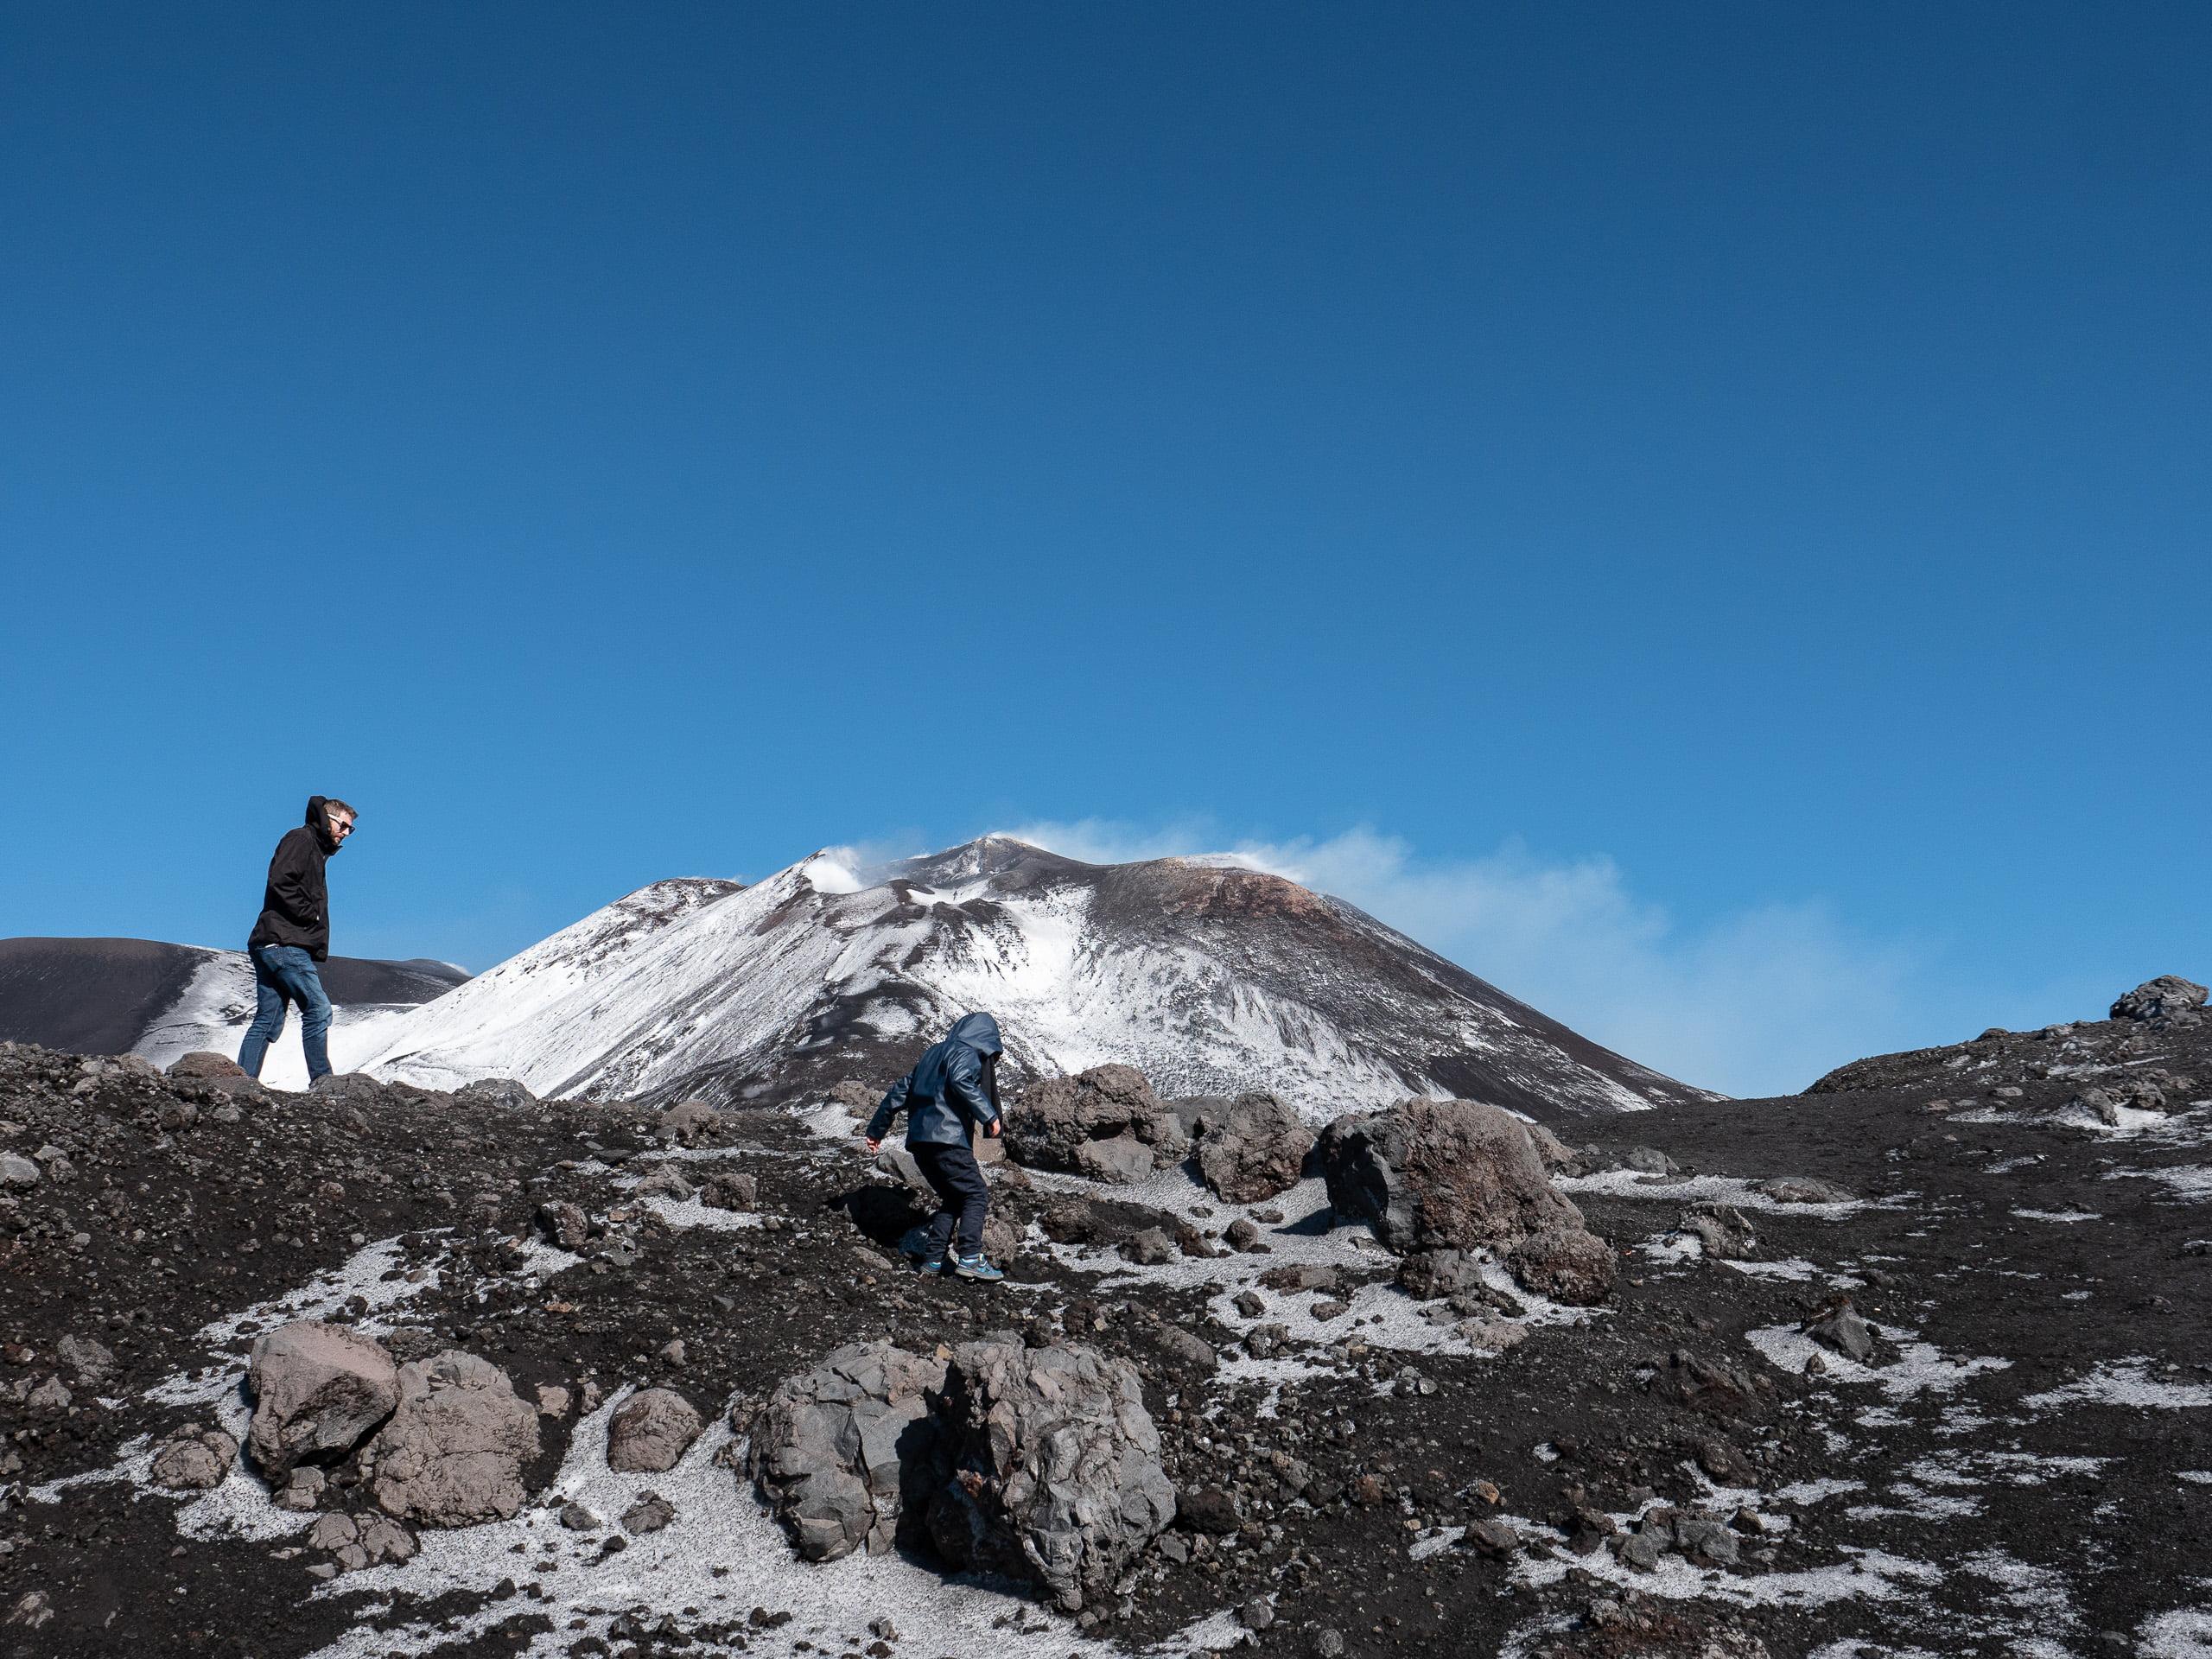 sicile etna 55414 - Les globe blogueurs - blog voyage nature